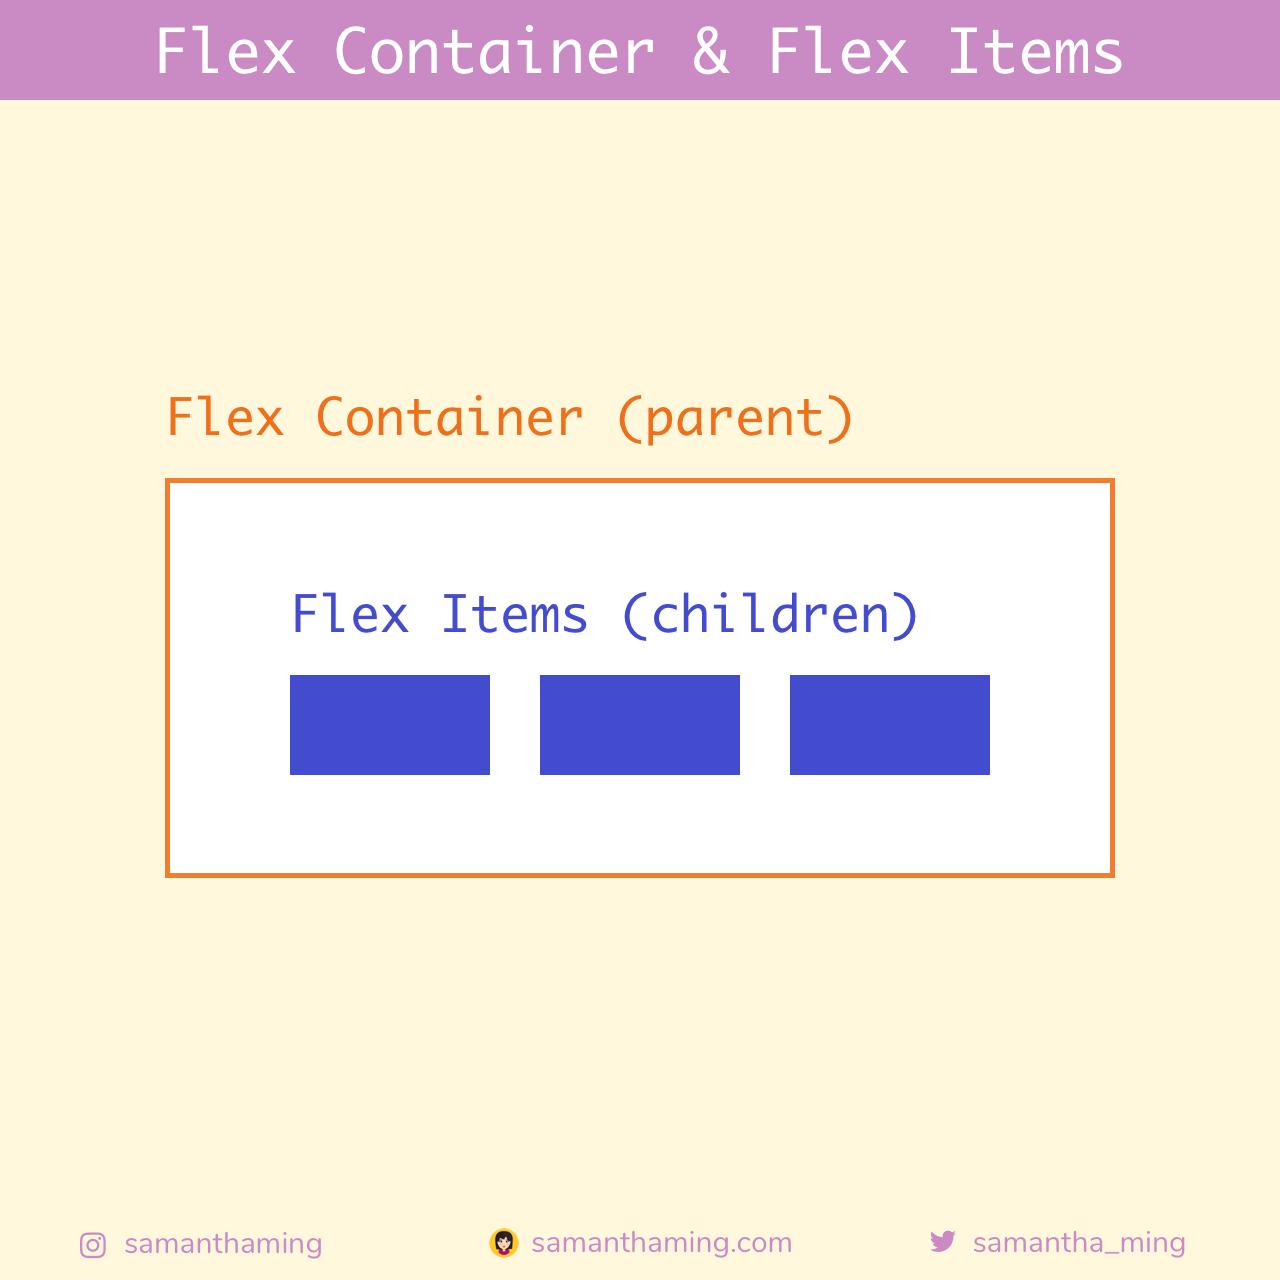 Flex Container & Flex Items